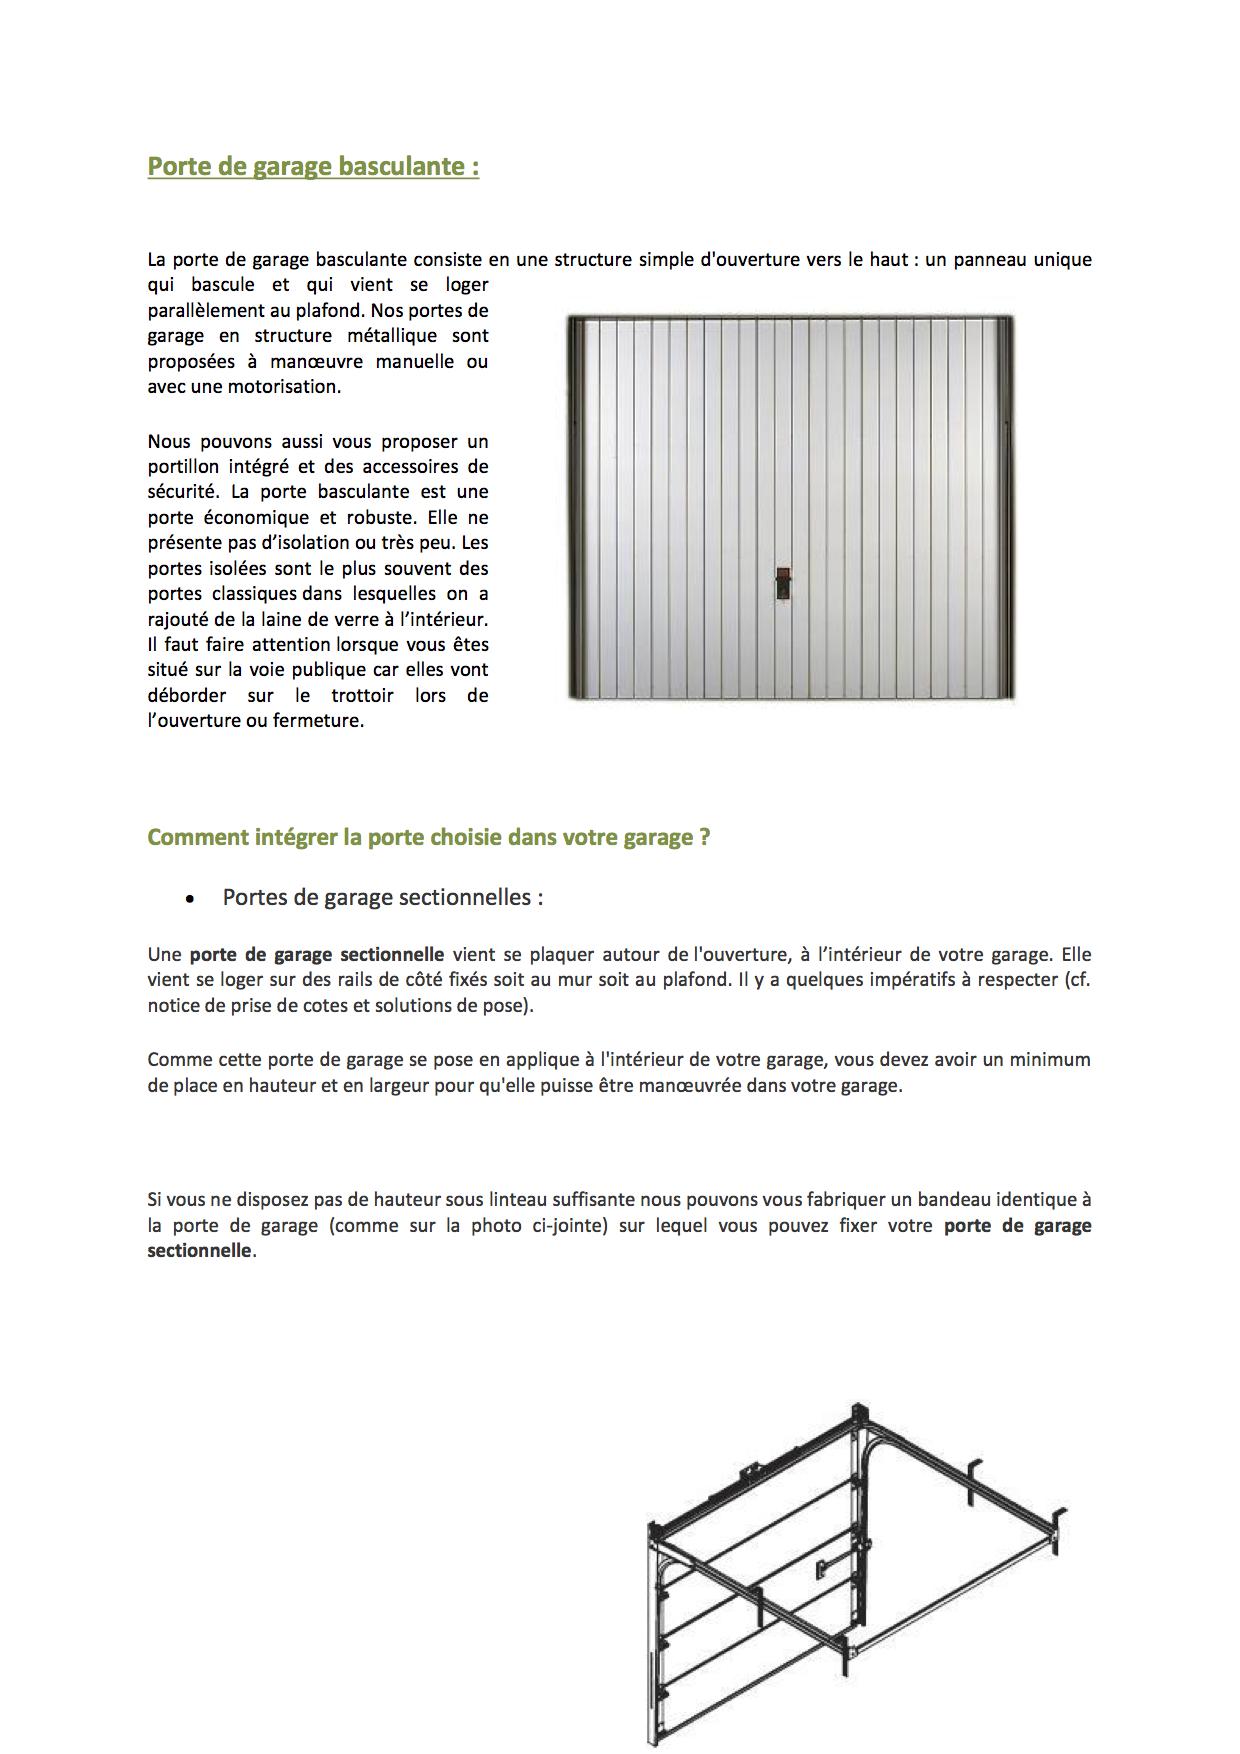 electricien automobile salaire saint quentin tarif expert technique batiment entreprise ifefie. Black Bedroom Furniture Sets. Home Design Ideas